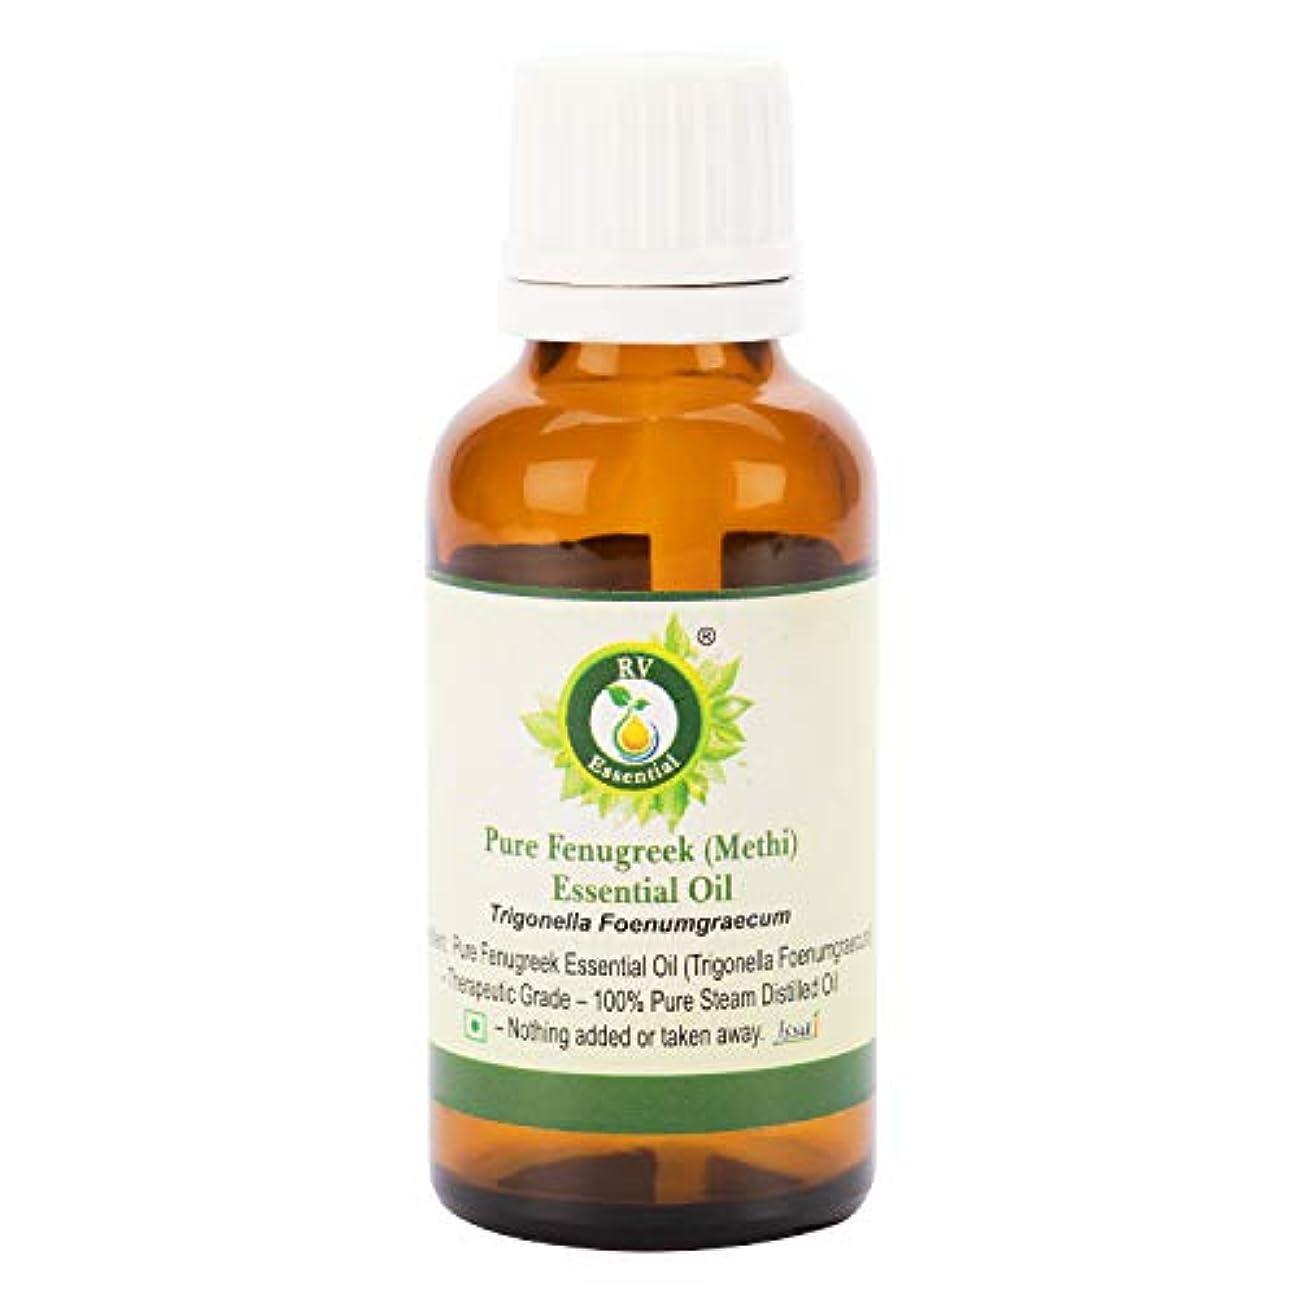 ホーン月面世界に死んだピュアフェヌグリーク(Methi)エッセンシャルオイル5ml (0.169oz)- Trigonella Foenumgraecum (100%純粋&天然スチームDistilled) Pure Fenugreek (Methi) Essential Oil